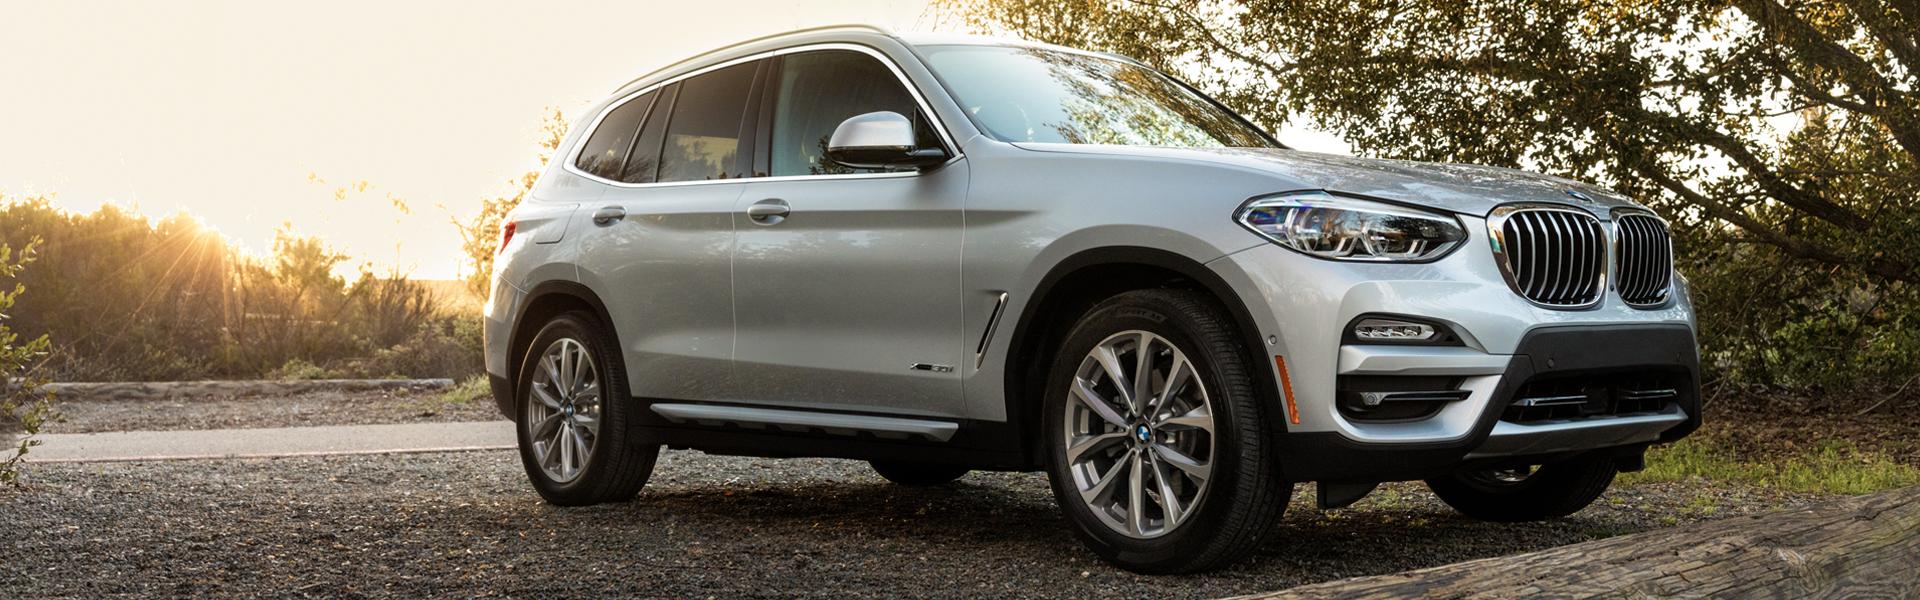 New BMW X3 Model Information | BMW of Minnetonka